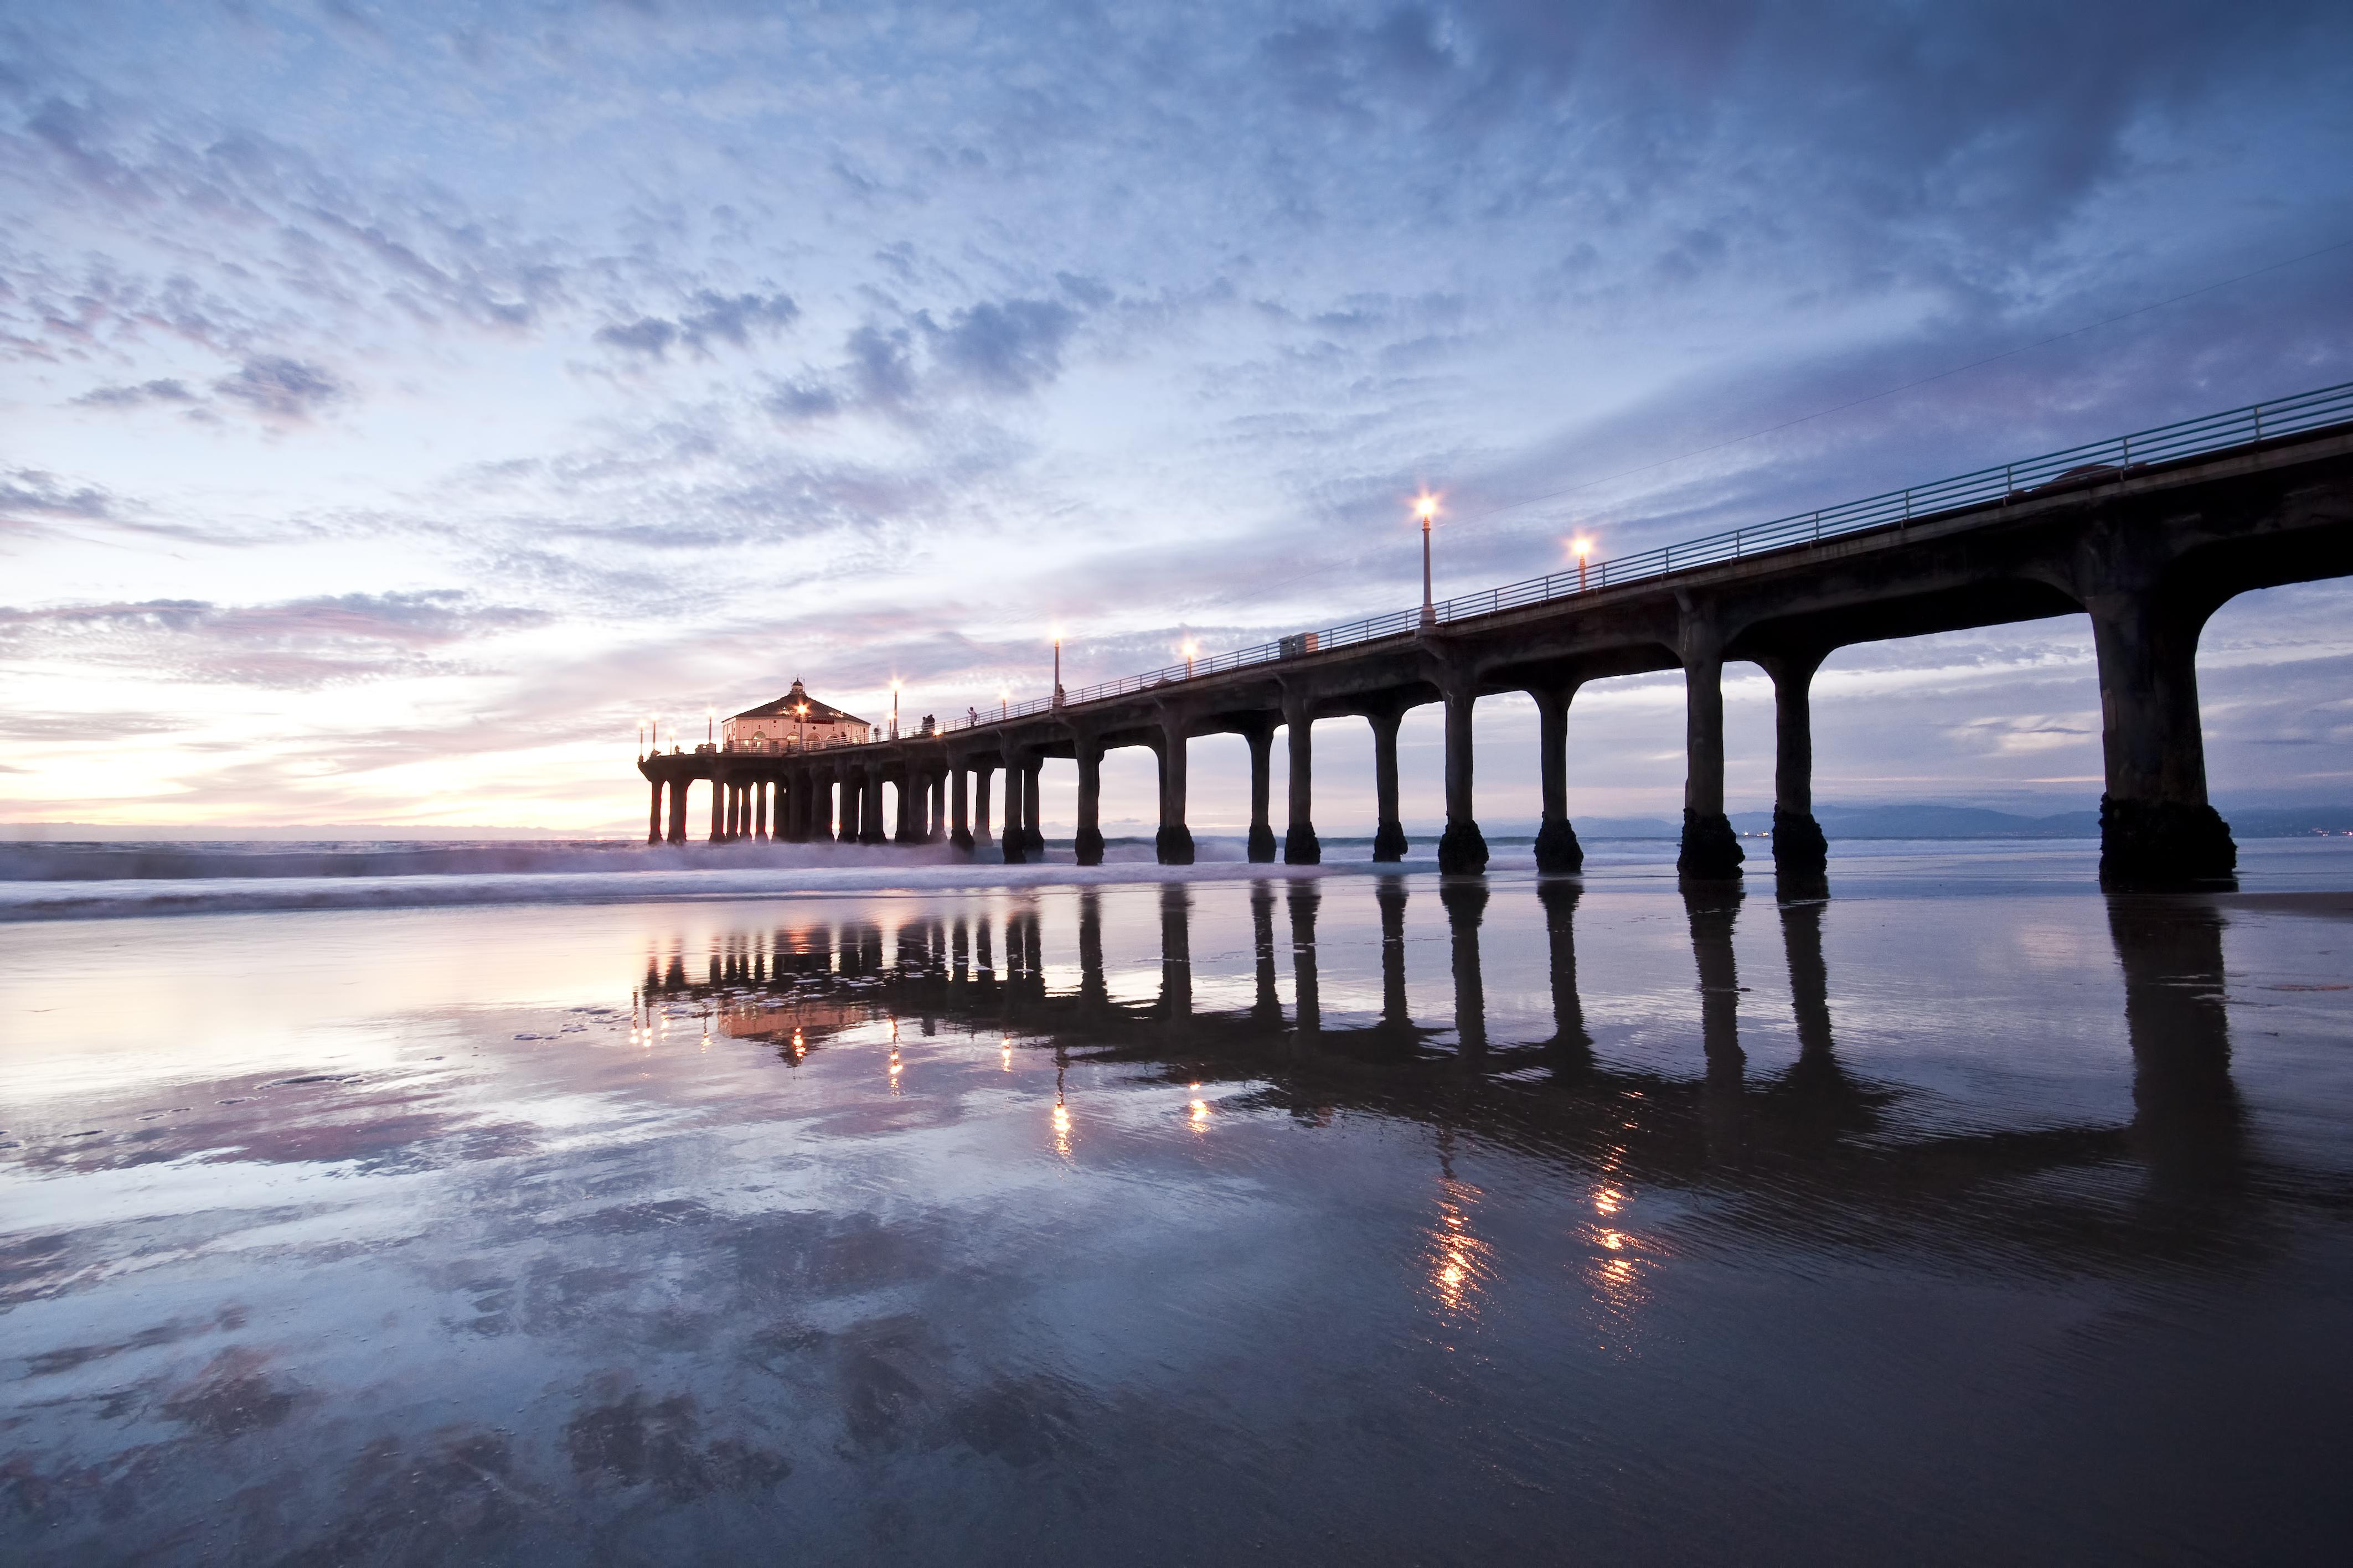 Beaches in Manhattan Beach, CA - California Beaches